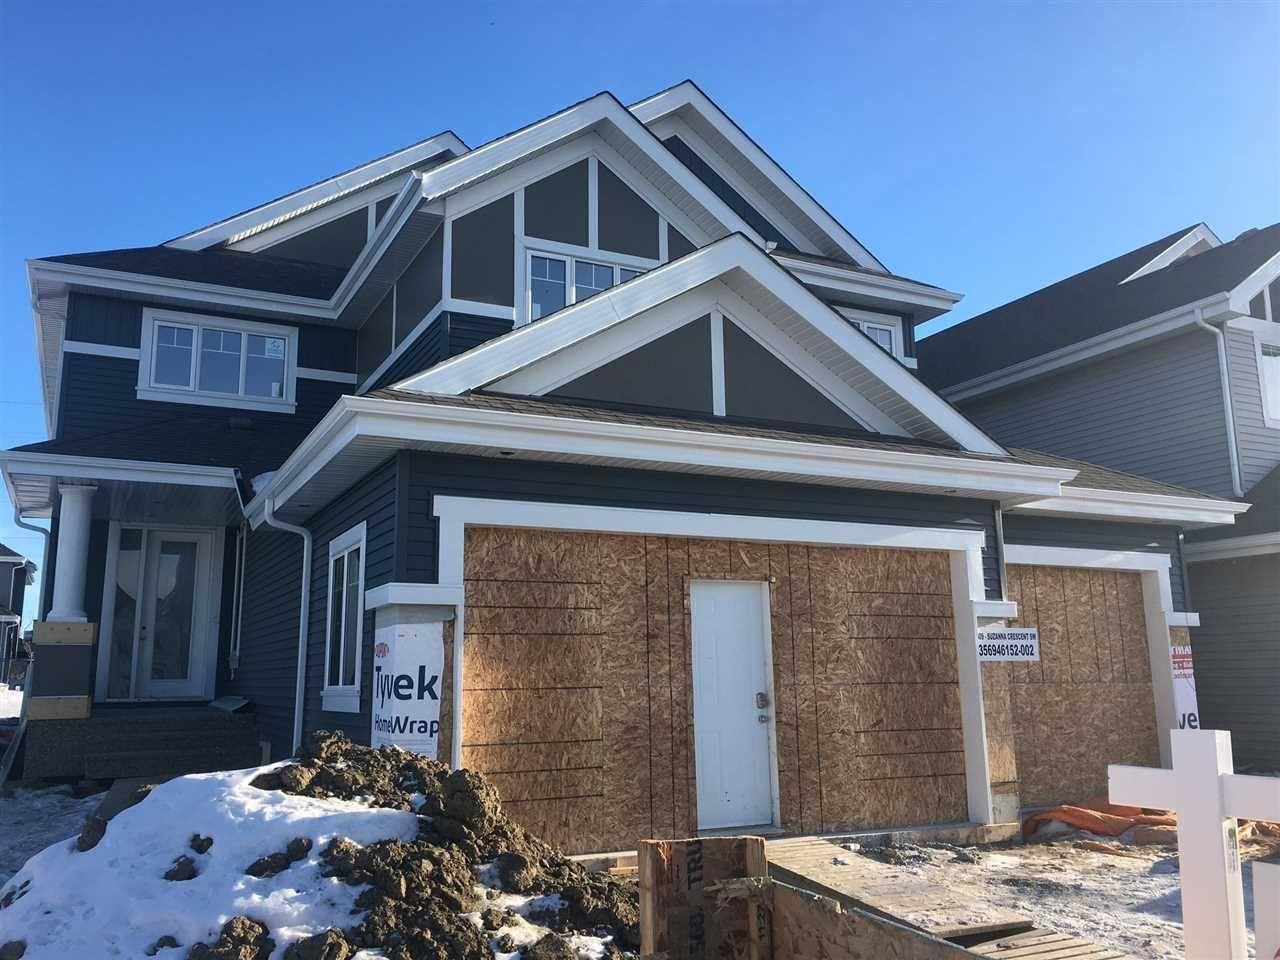 Main Photo: 4409 Suzanna Crescent in Edmonton: Zone 53 House for sale : MLS®# E4221391